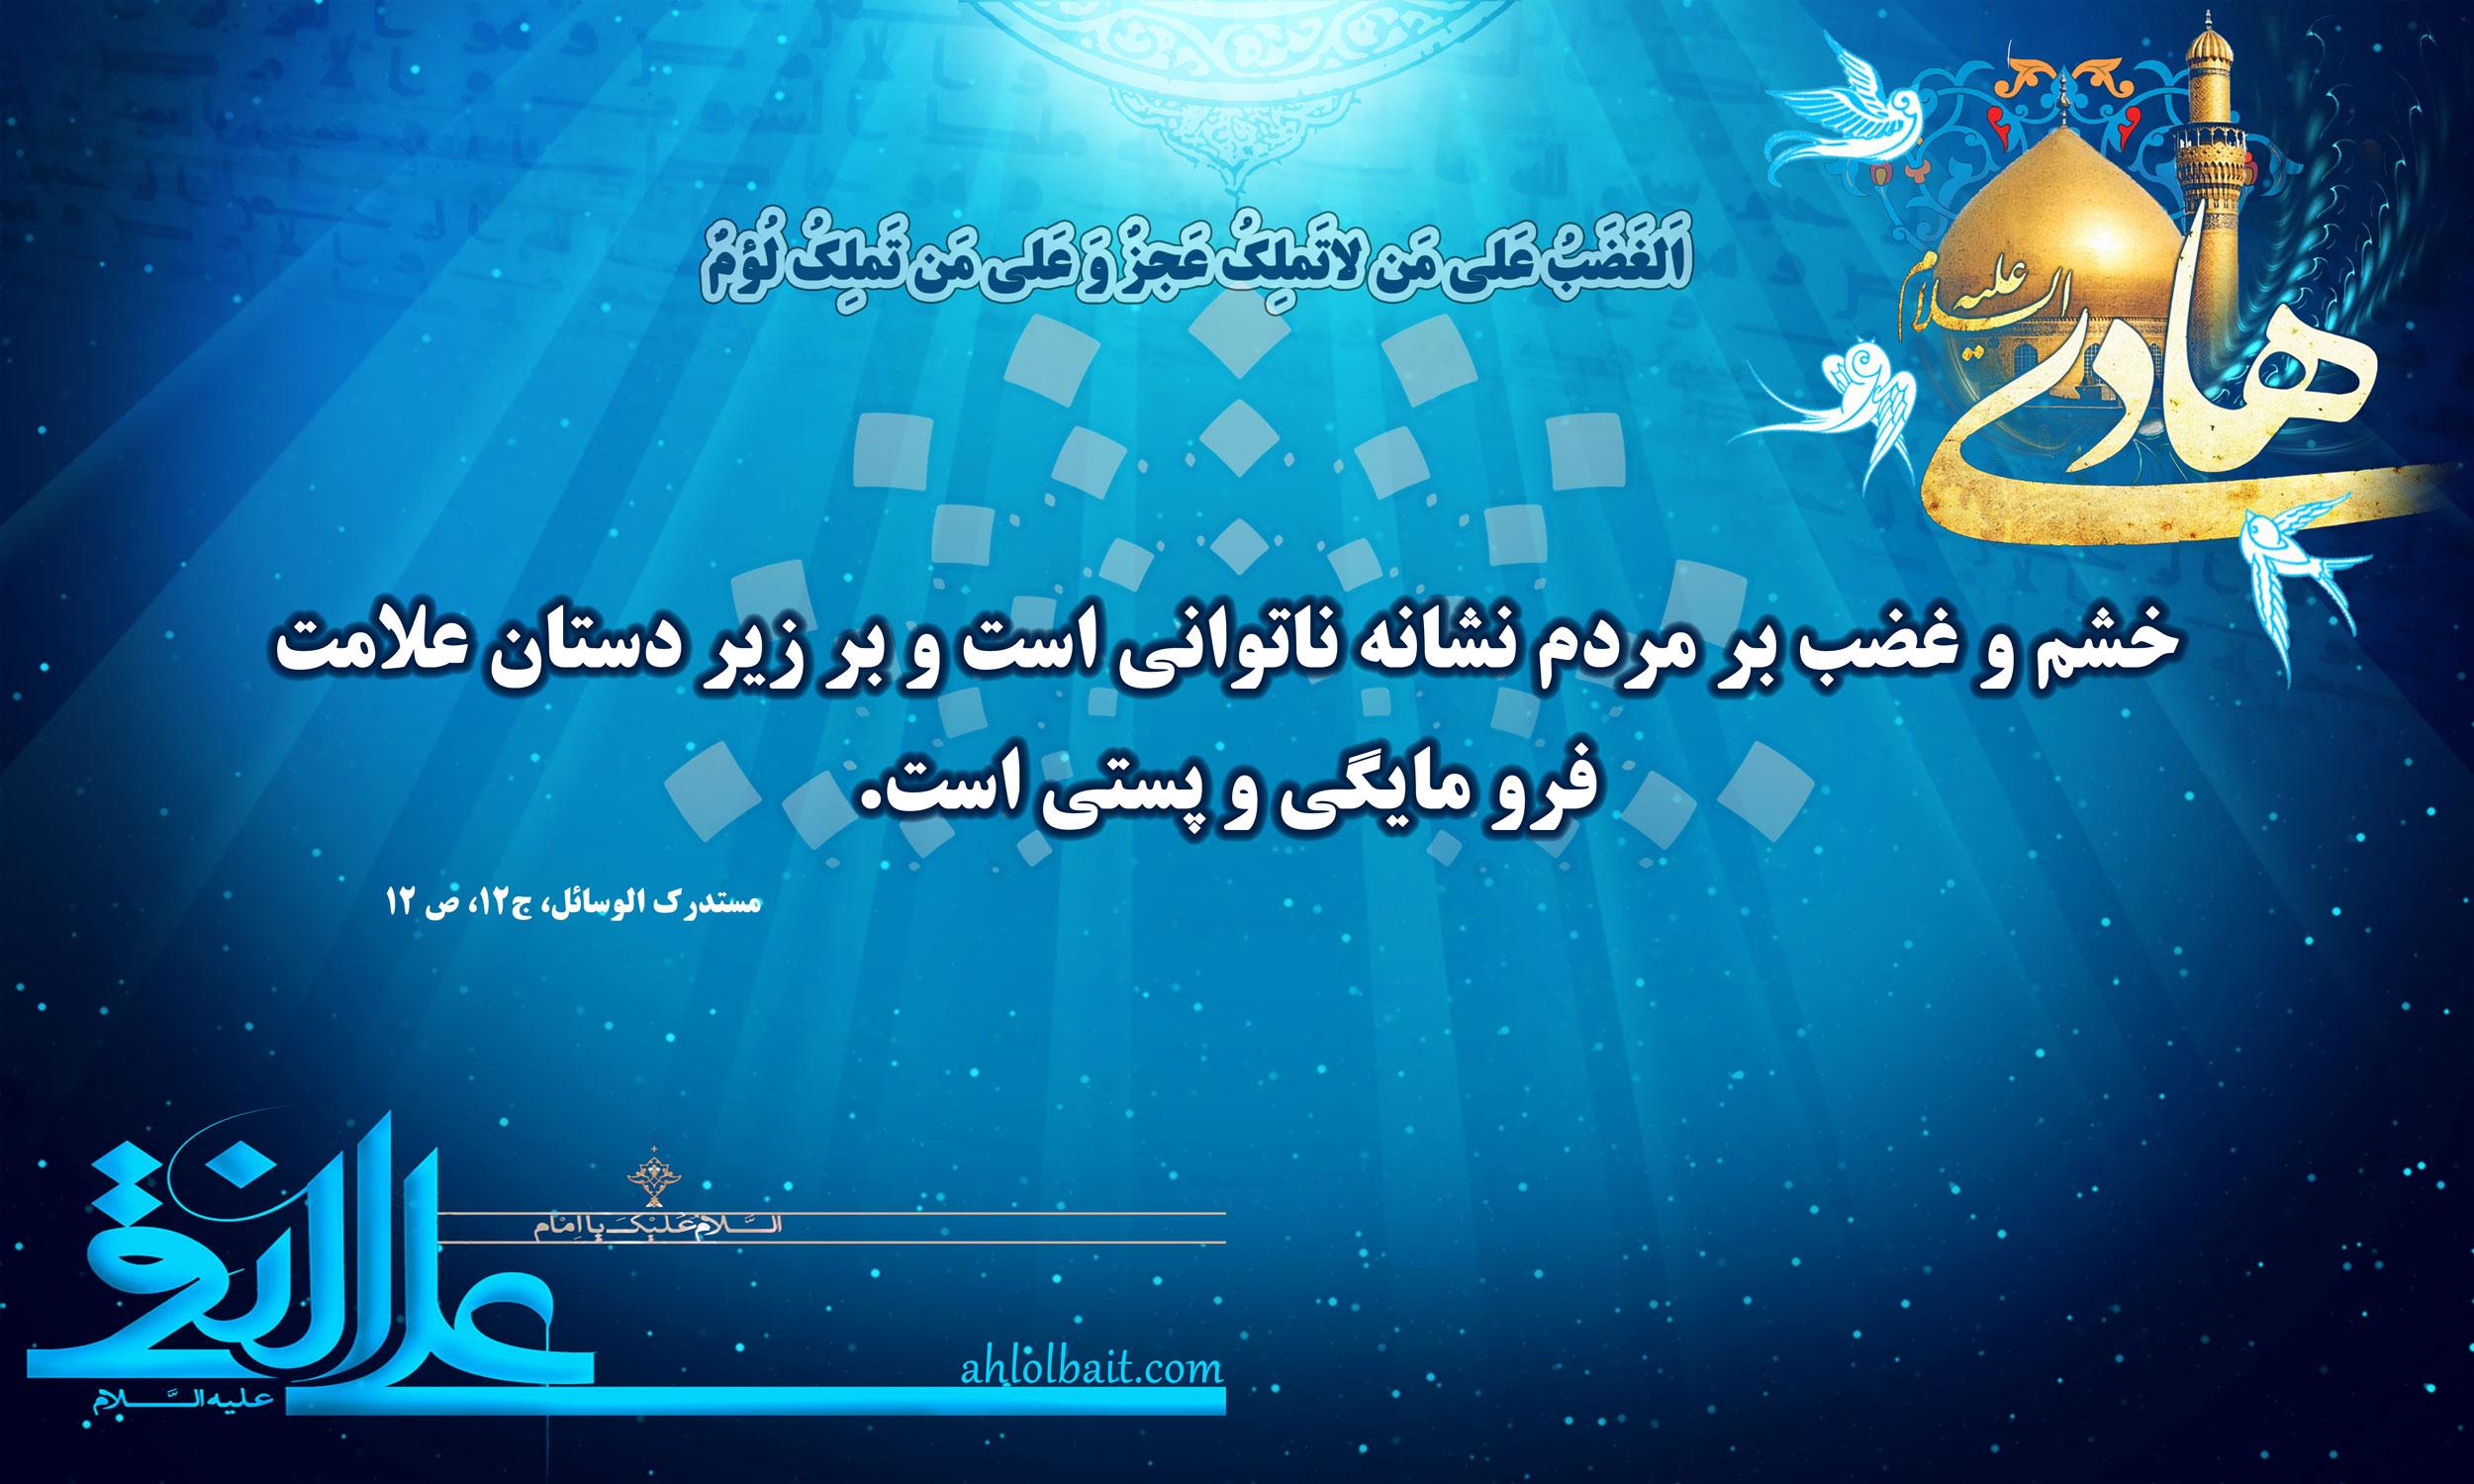 بیایید به کمک هم امام هادی (ع) را بشناسیم!